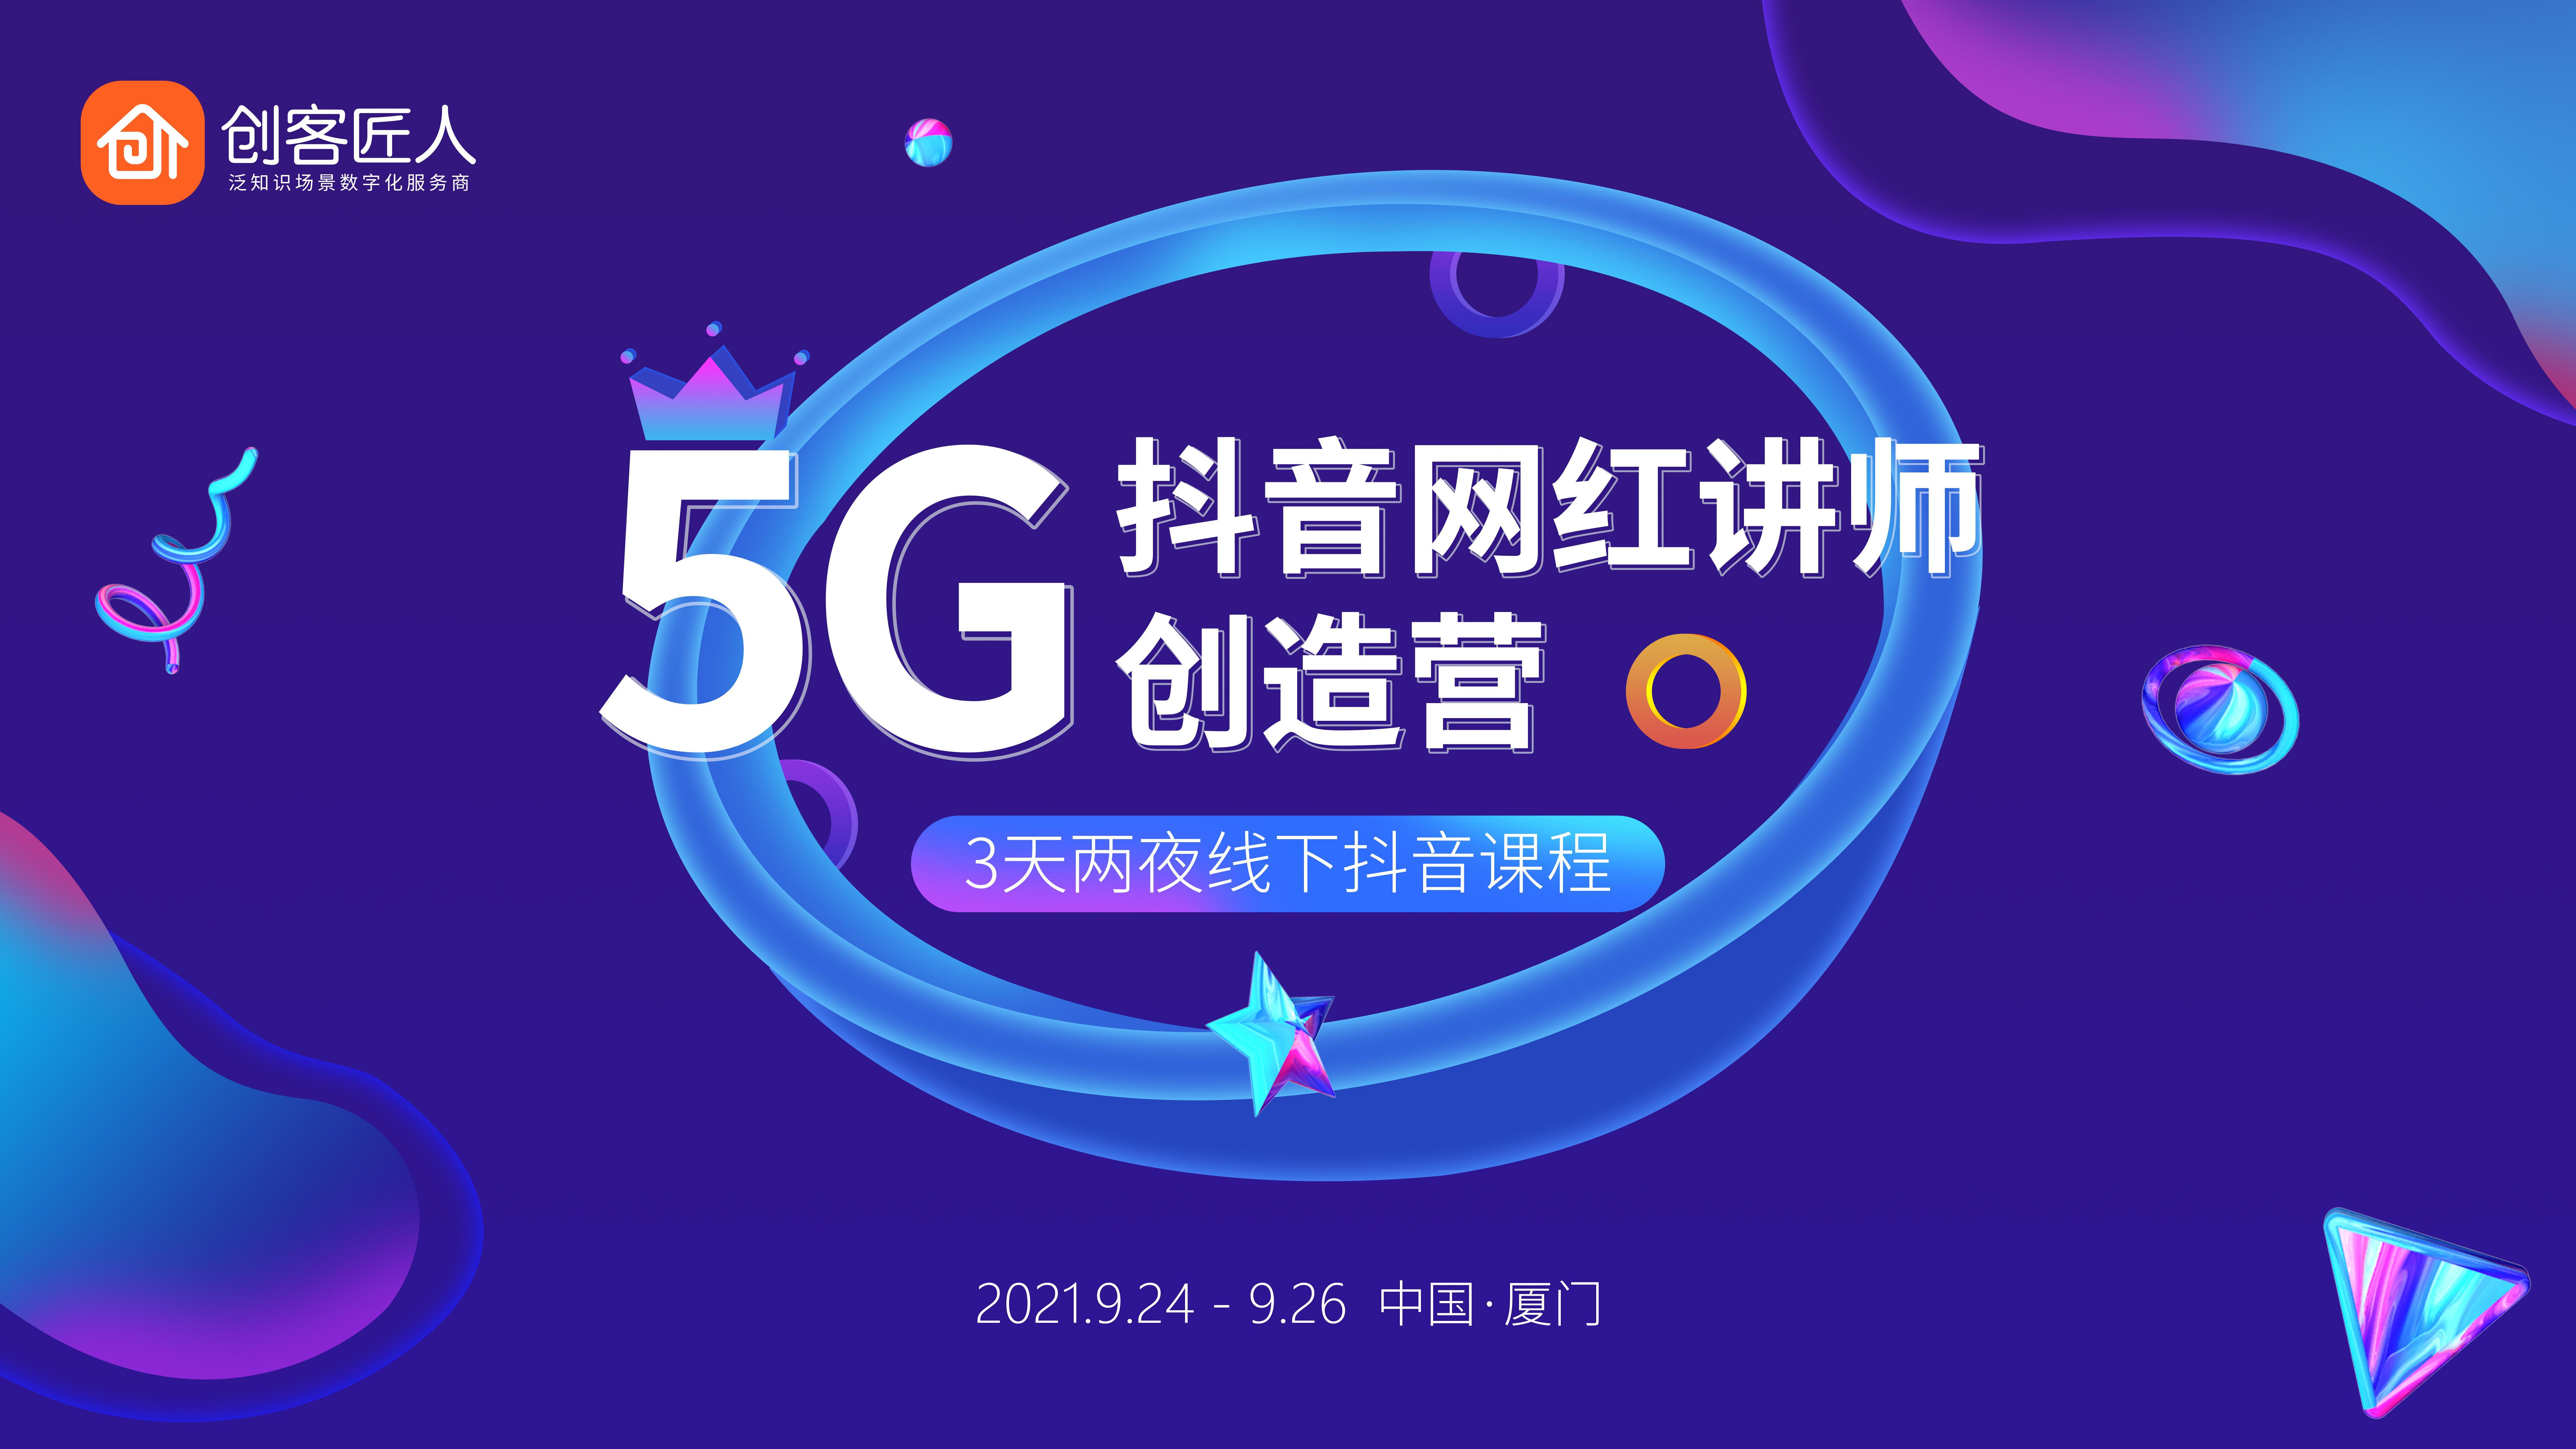 """5G抖音网红讲师创造营报名通道开启,打造下一代抖音带""""课""""王!"""